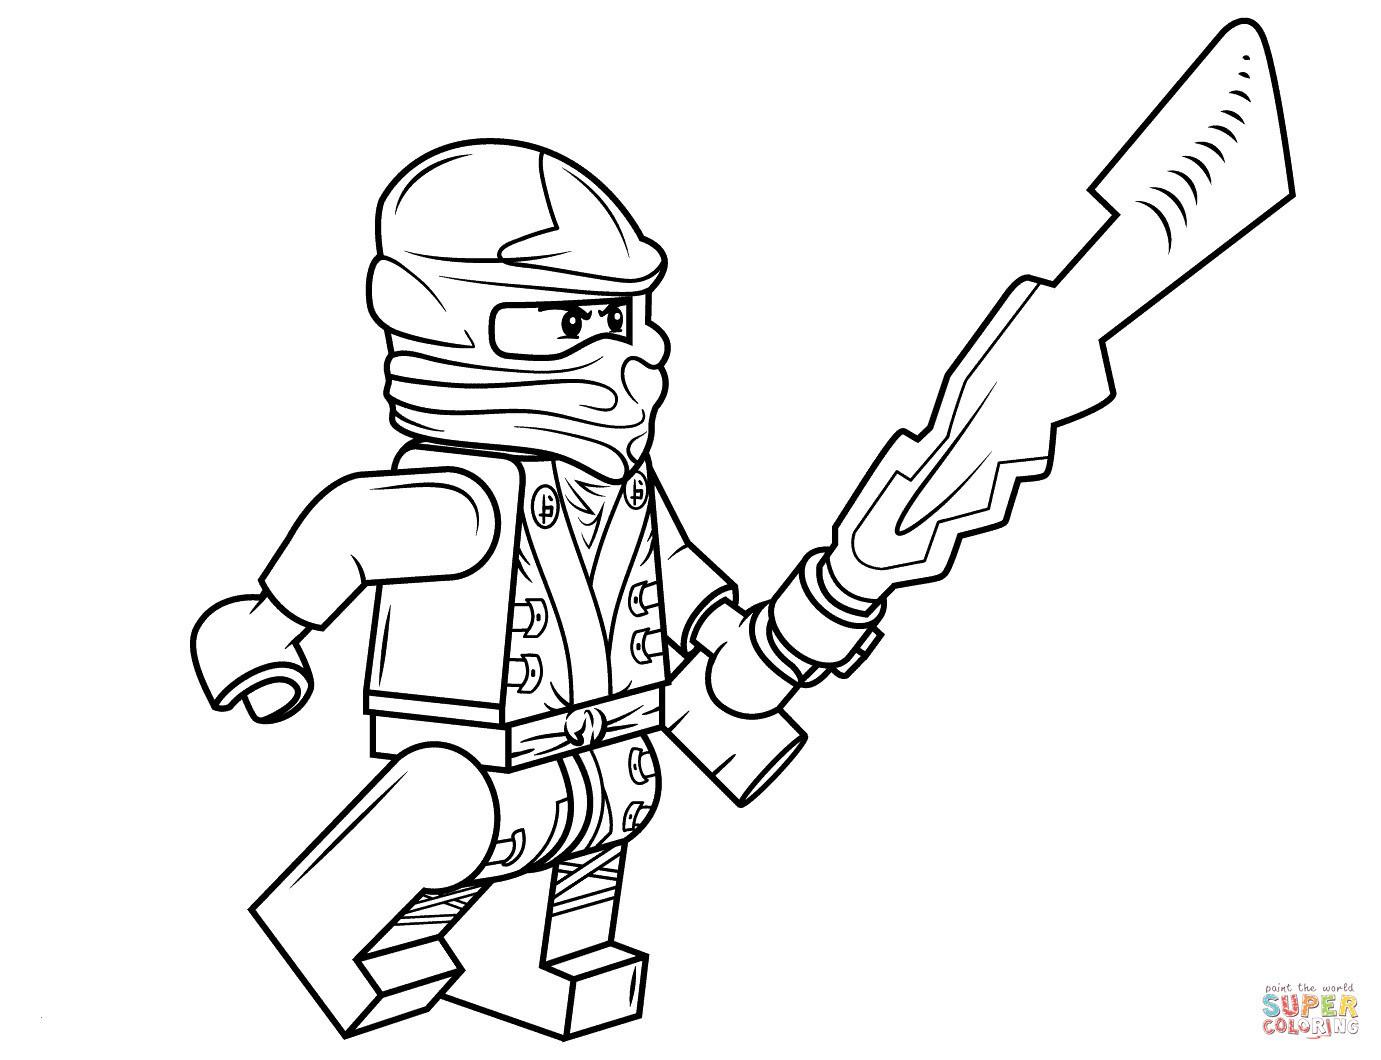 Ninjago Ausmalbilder Kai Das Beste Von Lego Ninjago Ausmalbilder Kai Inspirierend Lego Star Wars Figuren Das Bild